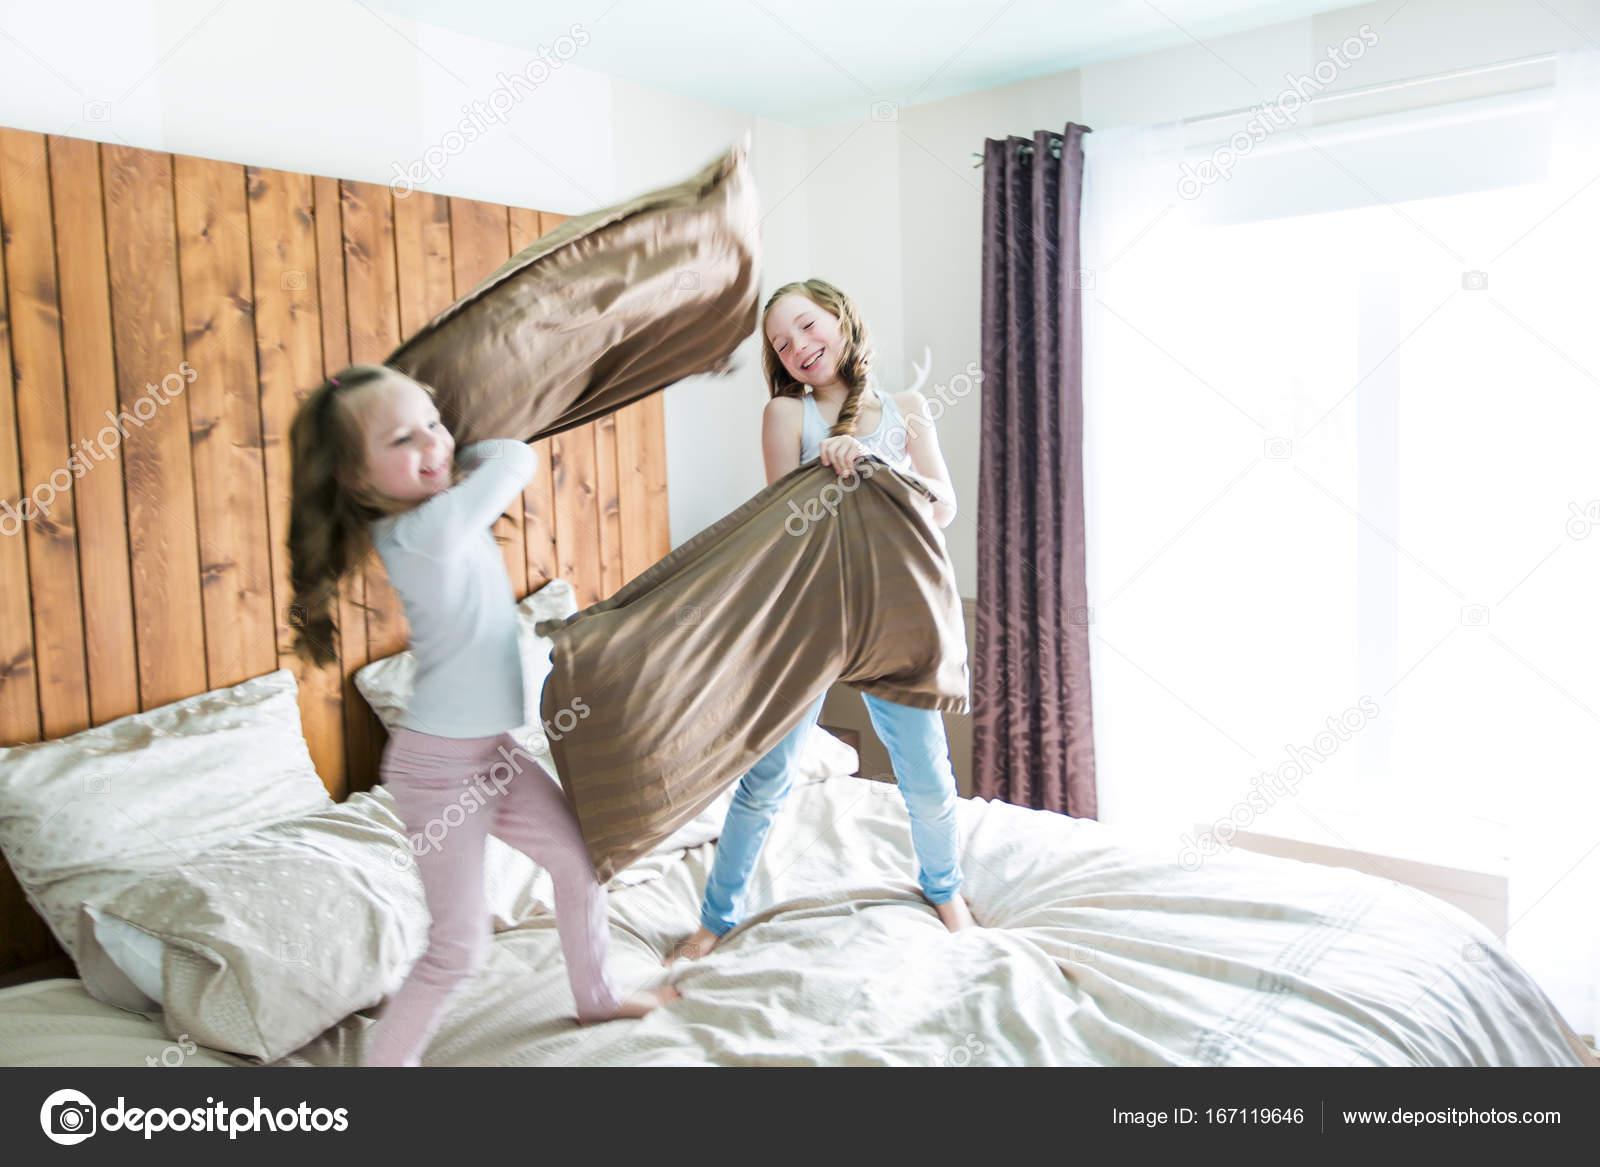 Portret kinderen vechten met kussens in bed u stockfoto lopolo